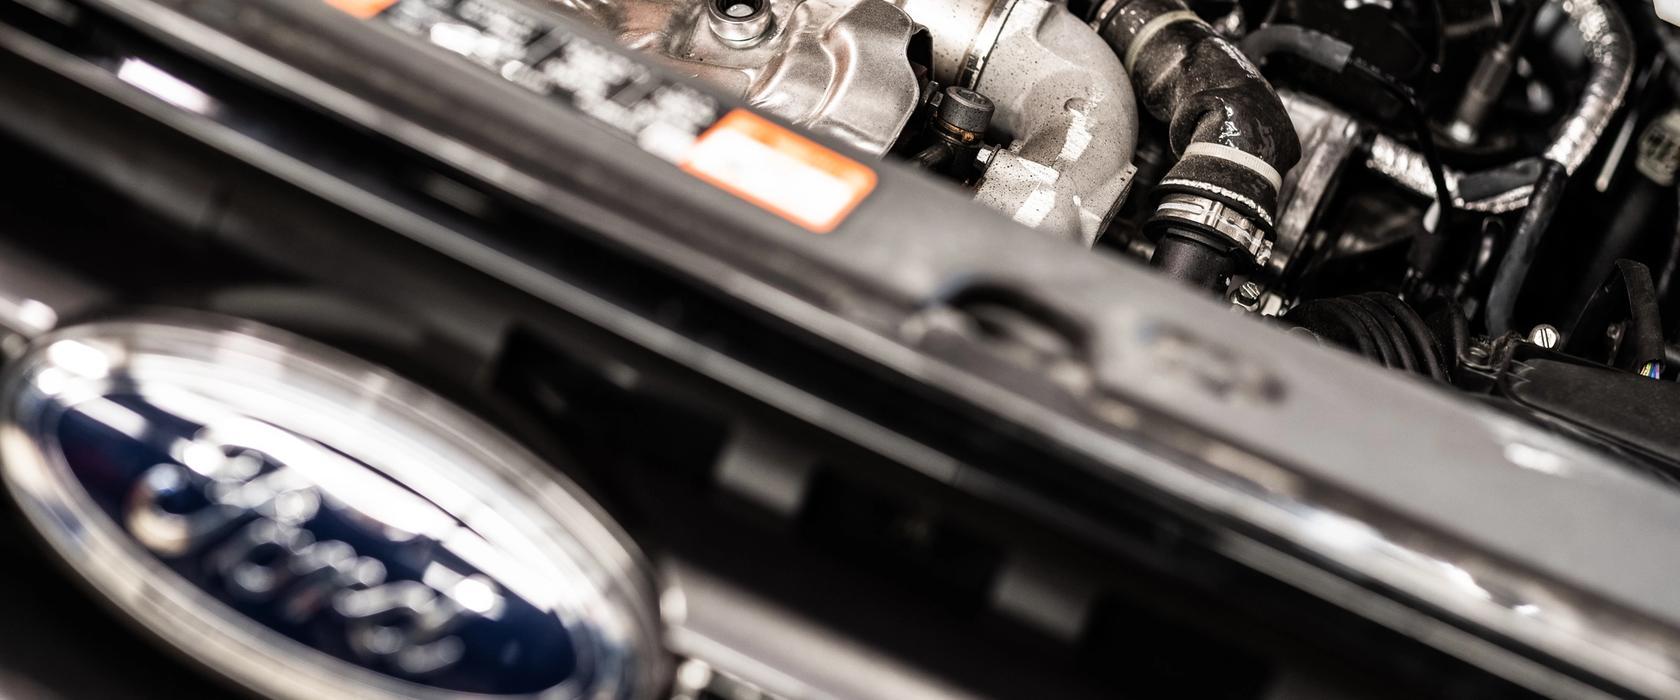 Mekaniker som skrur i en motor hos Haugesund Auto